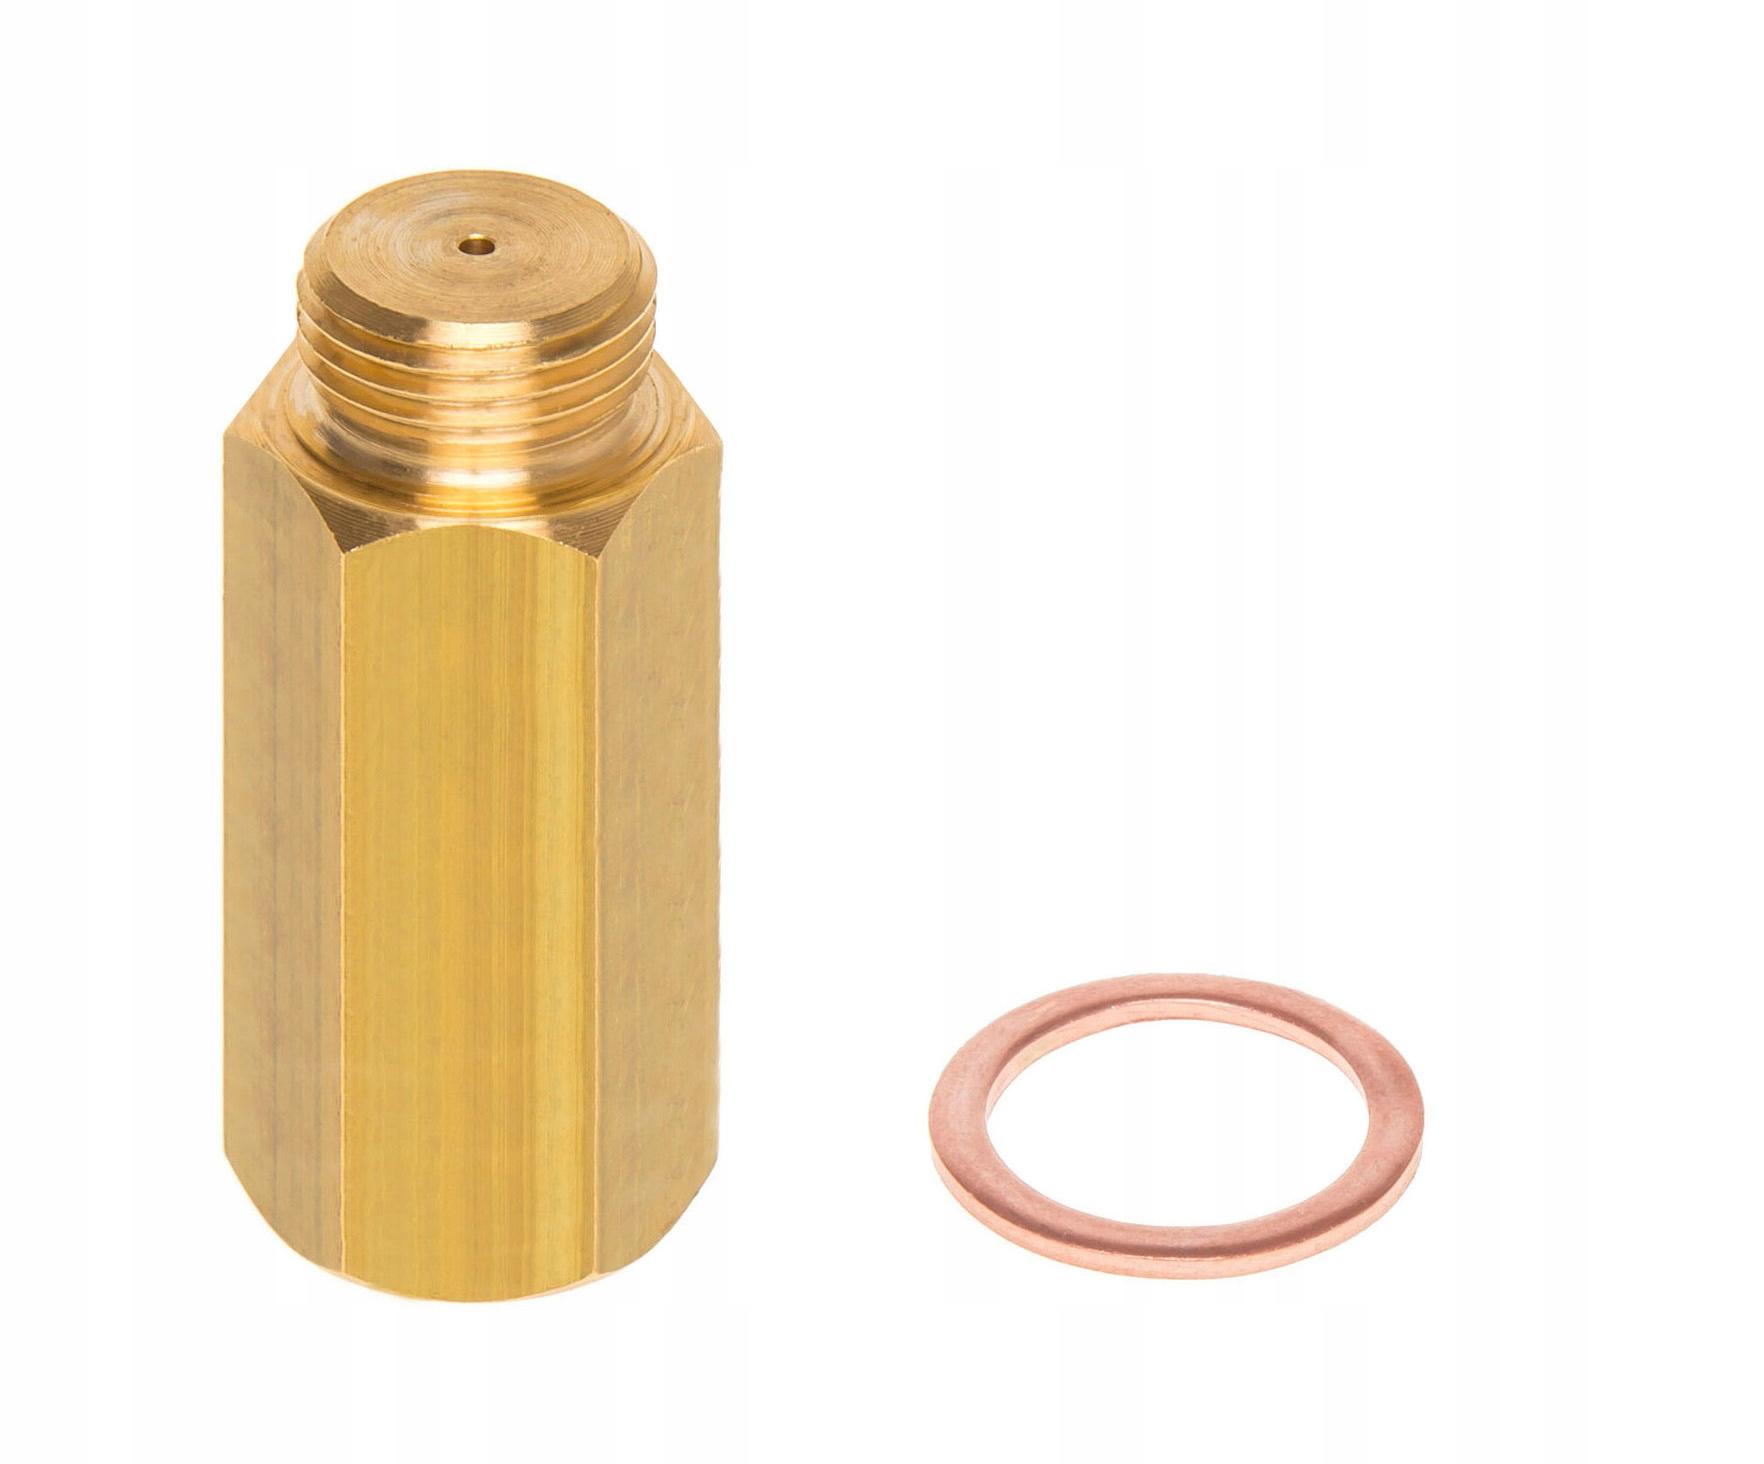 эмулятор другой зонда лямбда простой латунный 2 мм